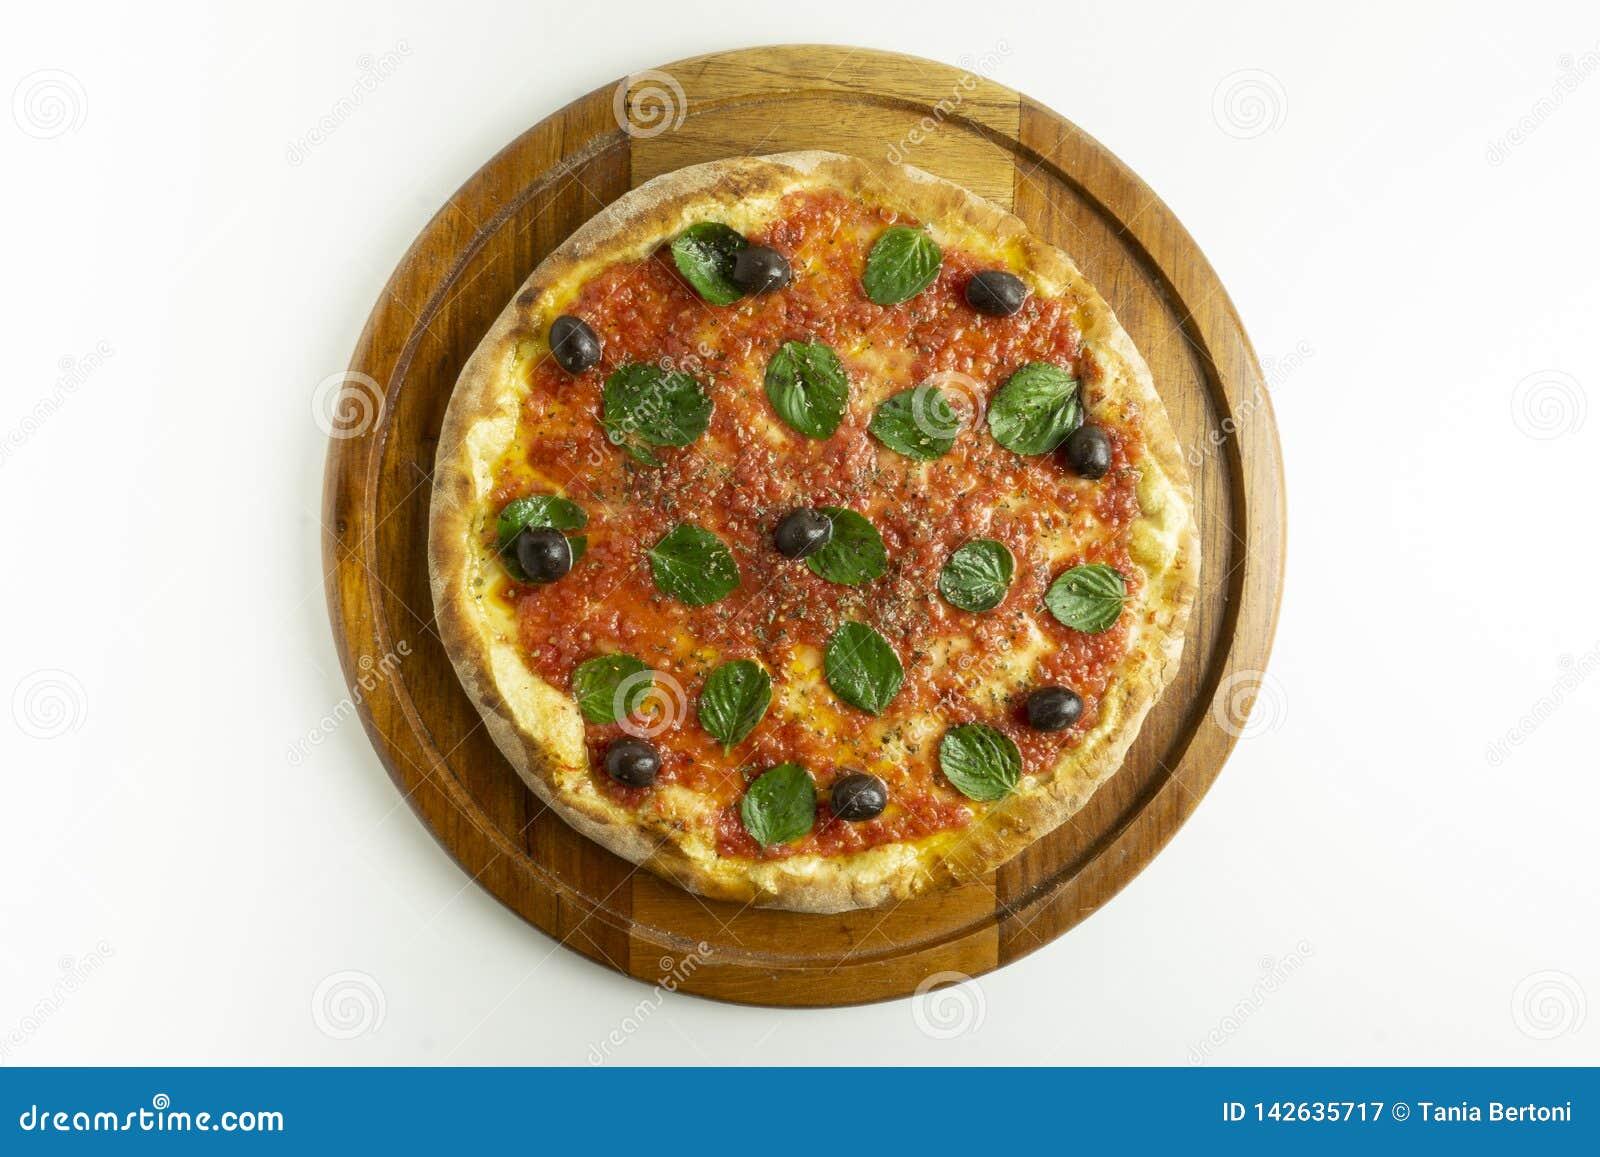 Pizza grande com molho de tomate, manjericão e azeitonas pretas no fundo branco